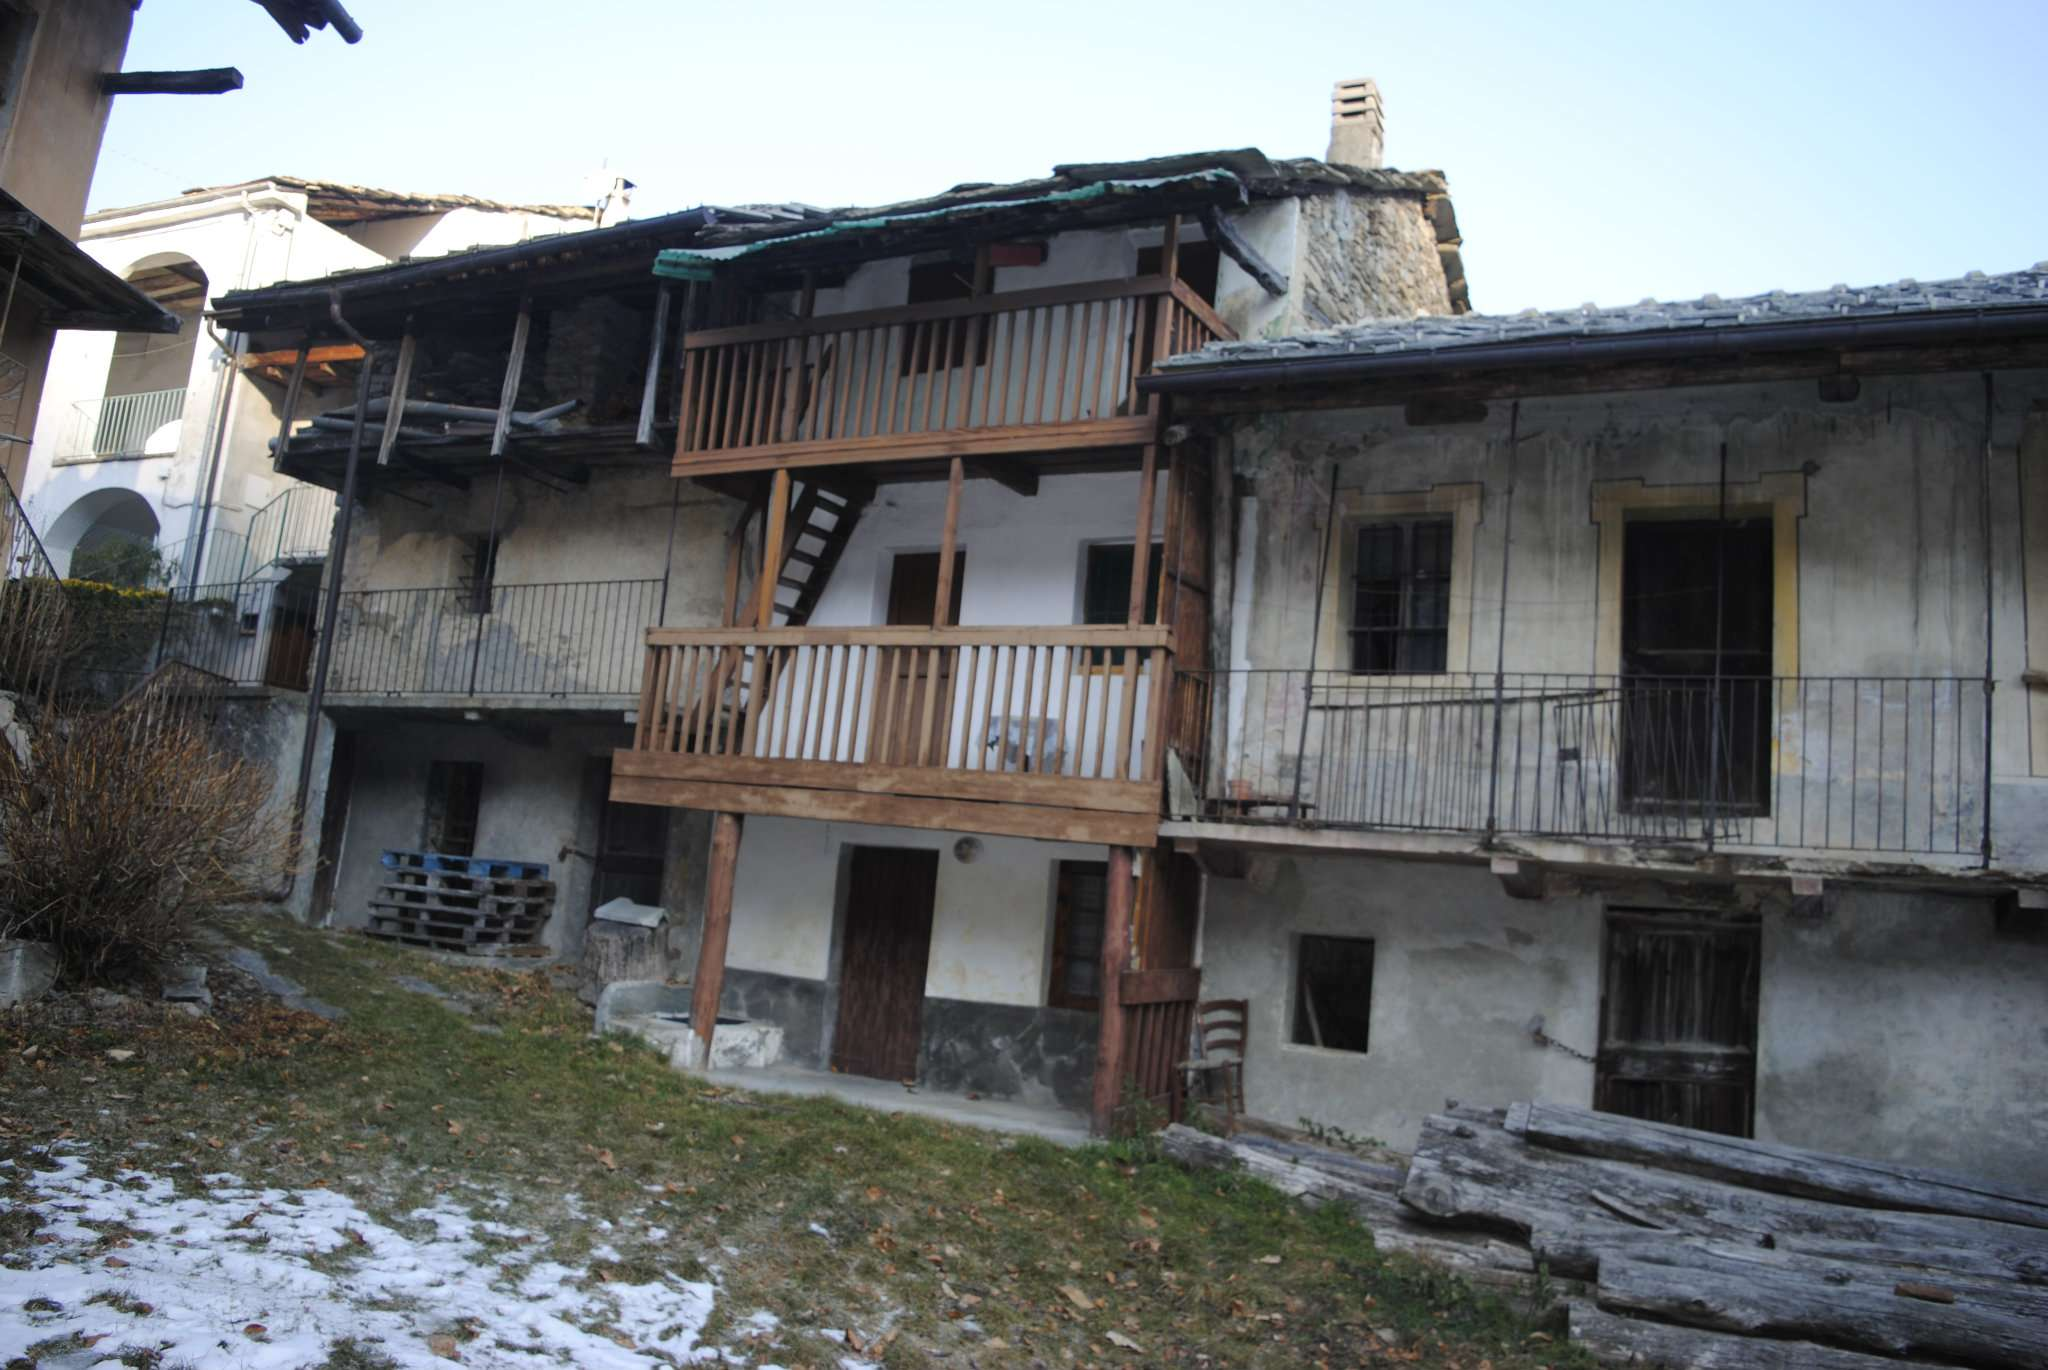 Rustico / Casale in vendita a Chiusa di San Michele, 3 locali, prezzo € 10.000   CambioCasa.it